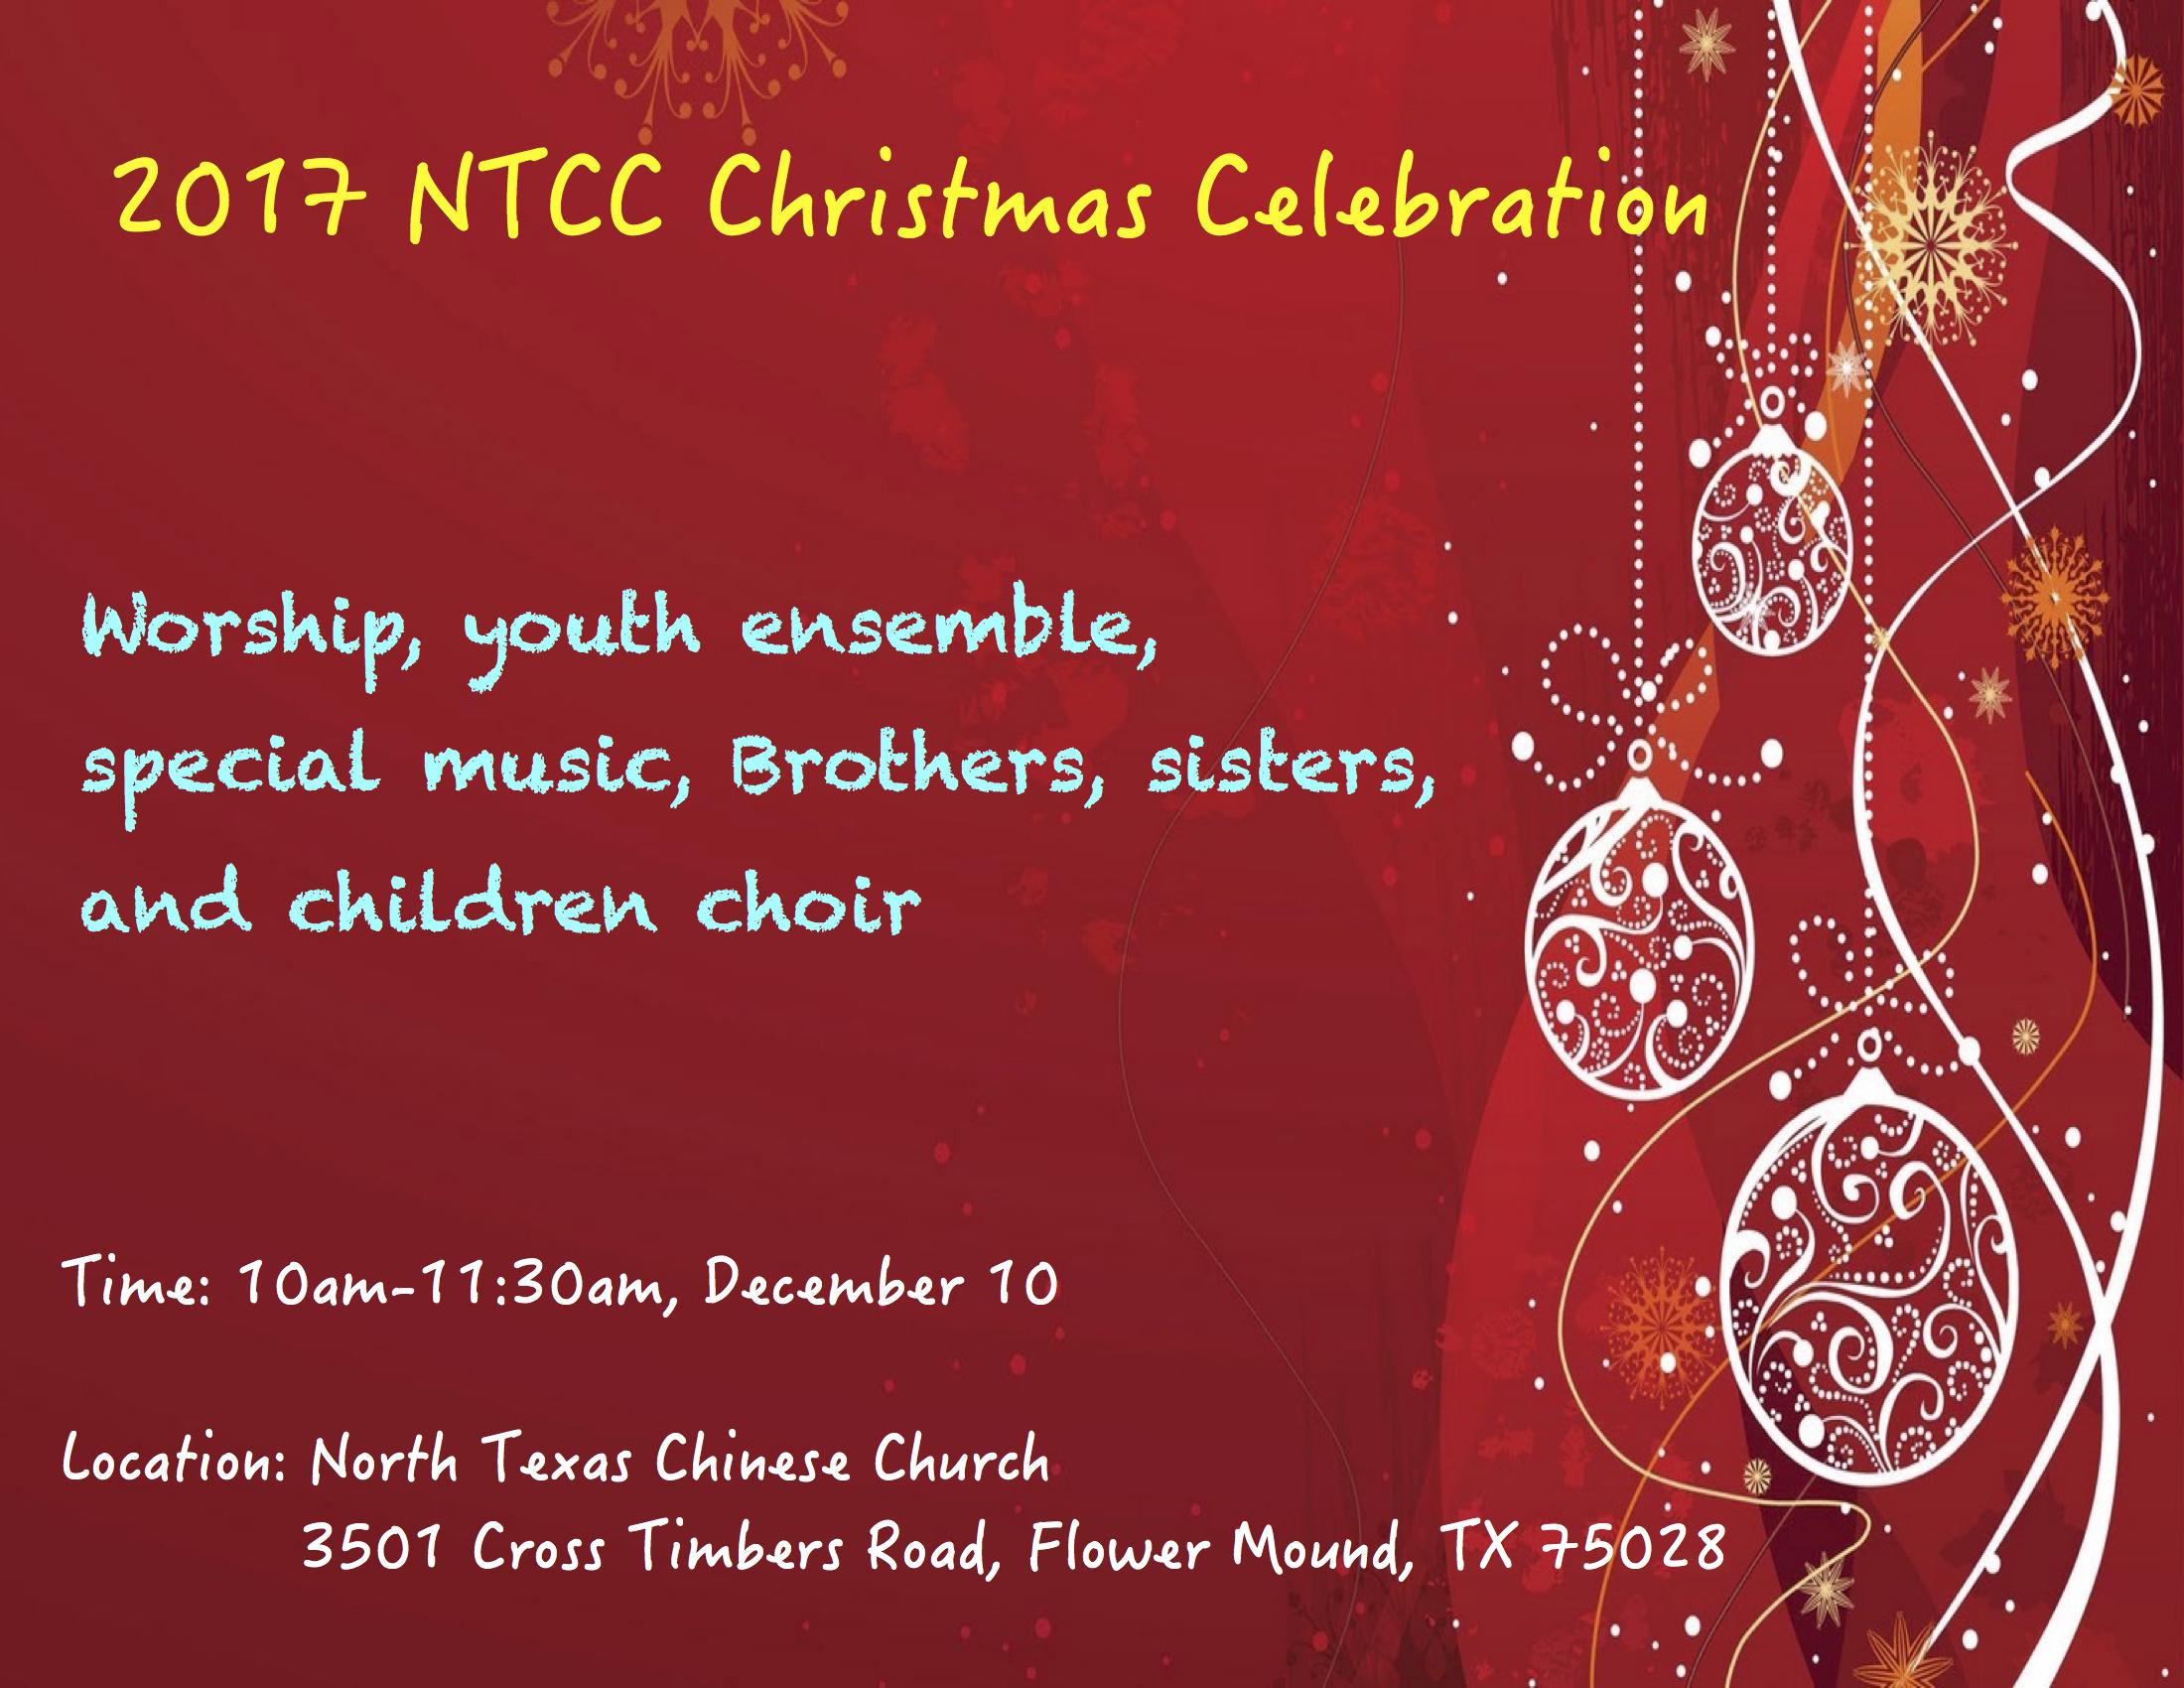 2017 NTCC Christmas